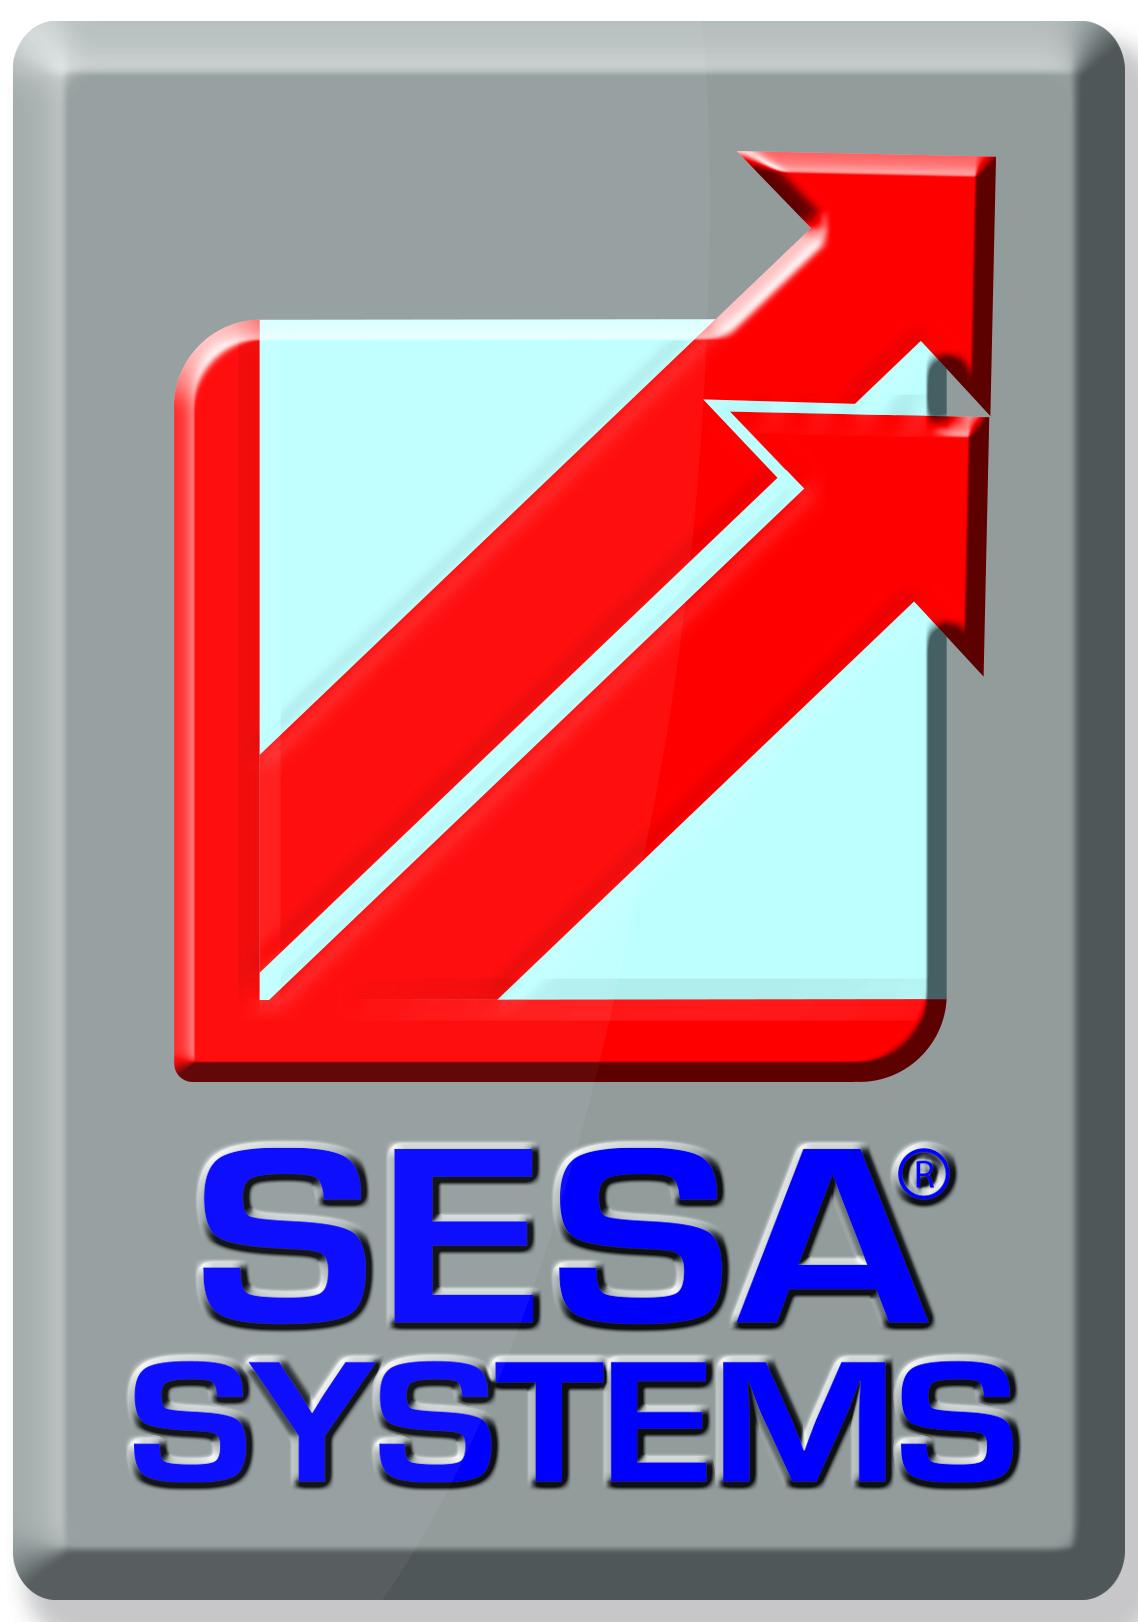 1540825654-sesa-systems.jpg